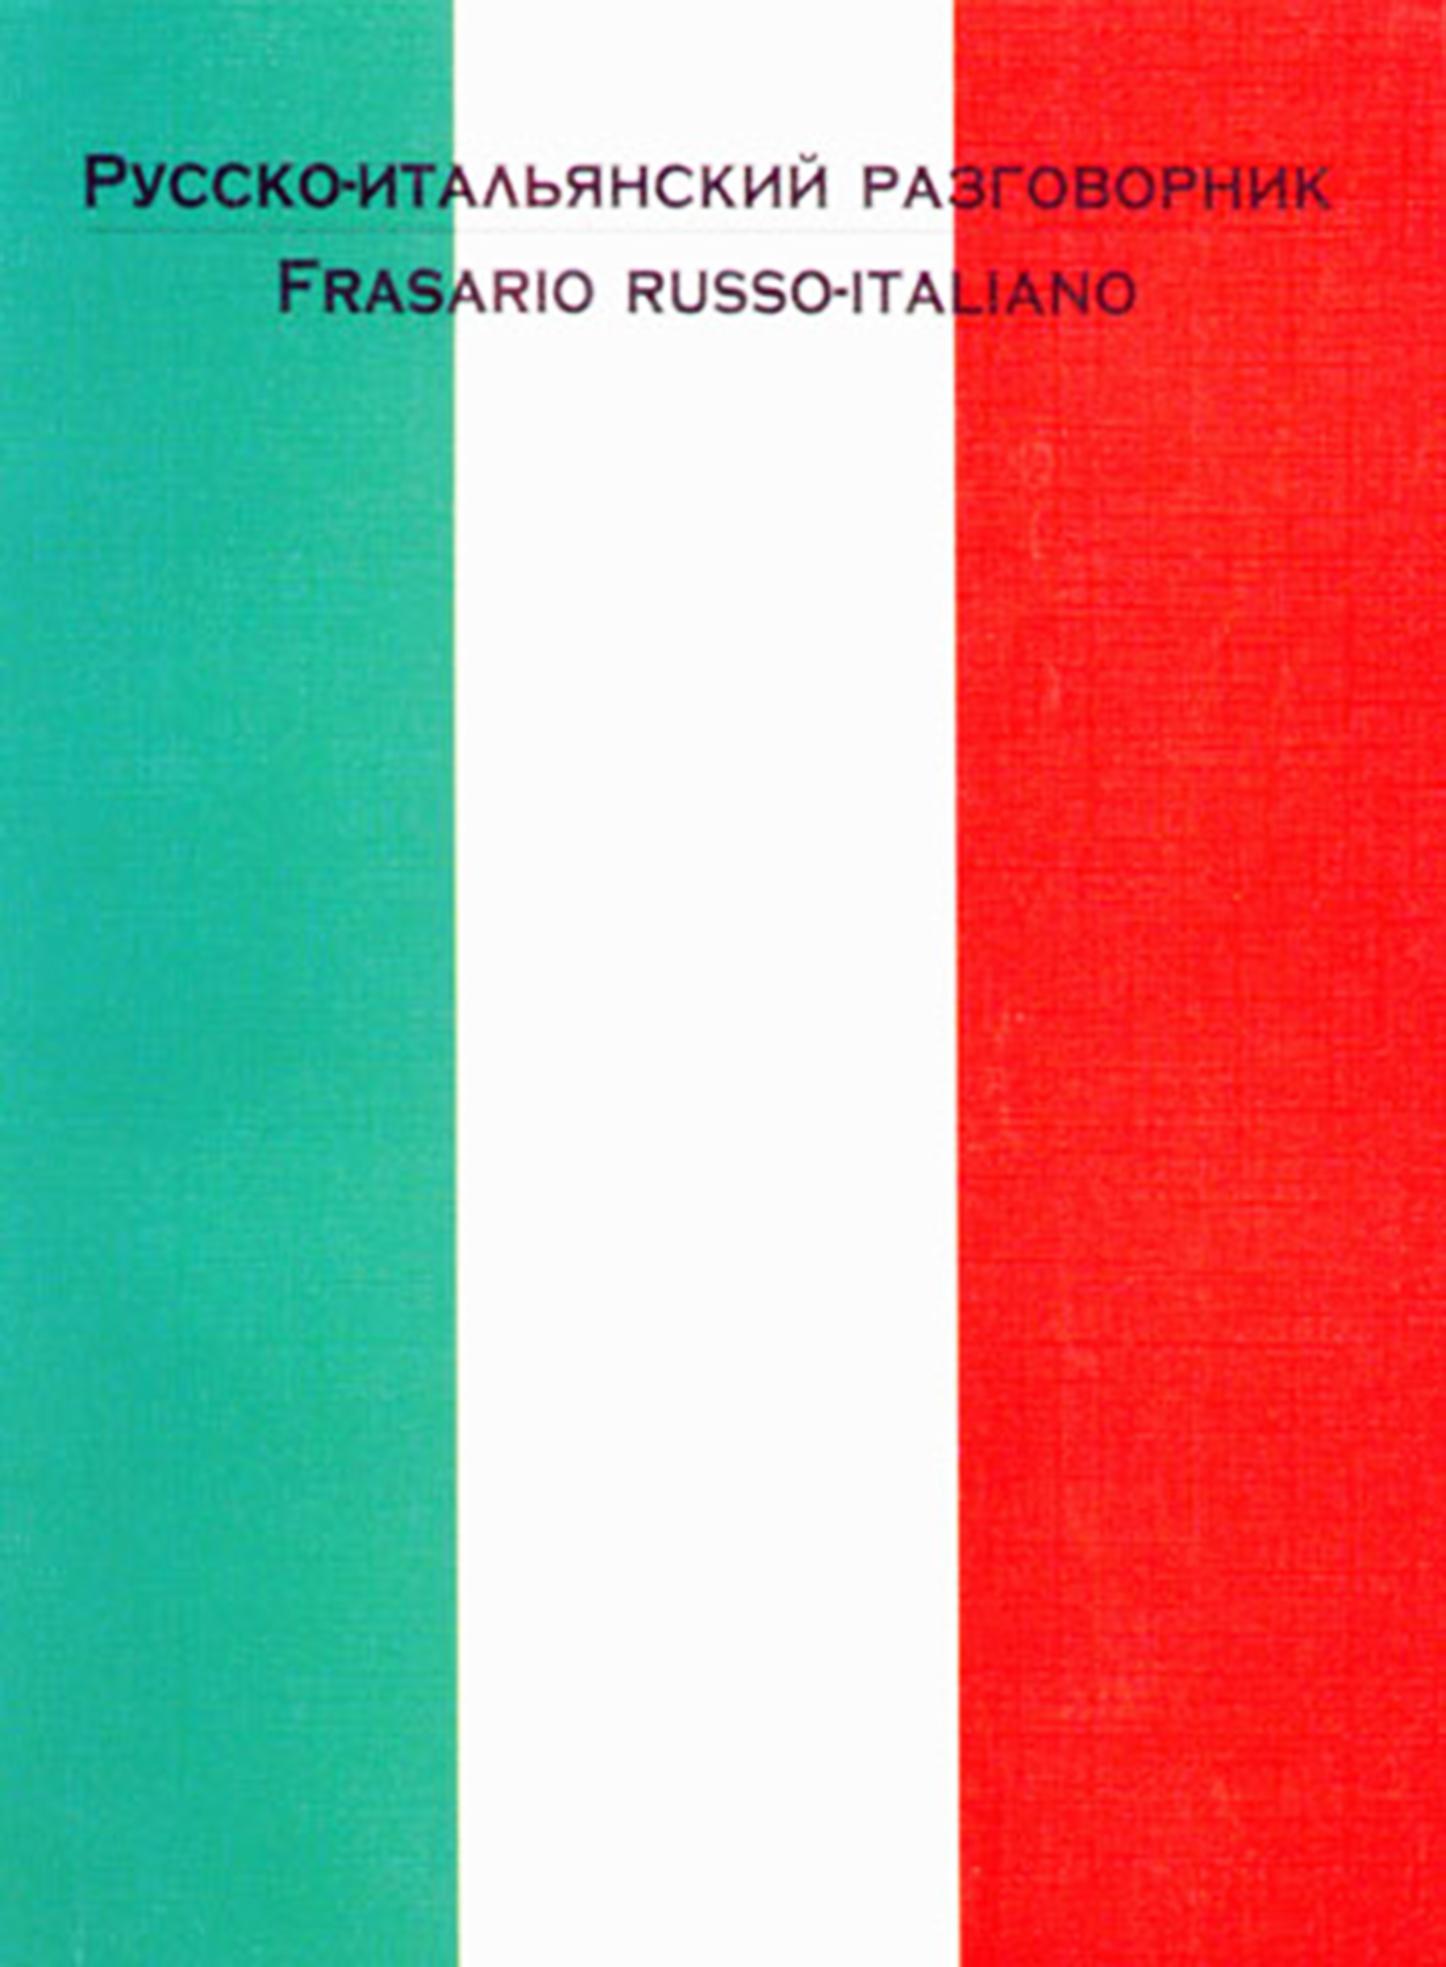 цена на Отсутствует Русско-итальянский разговорник